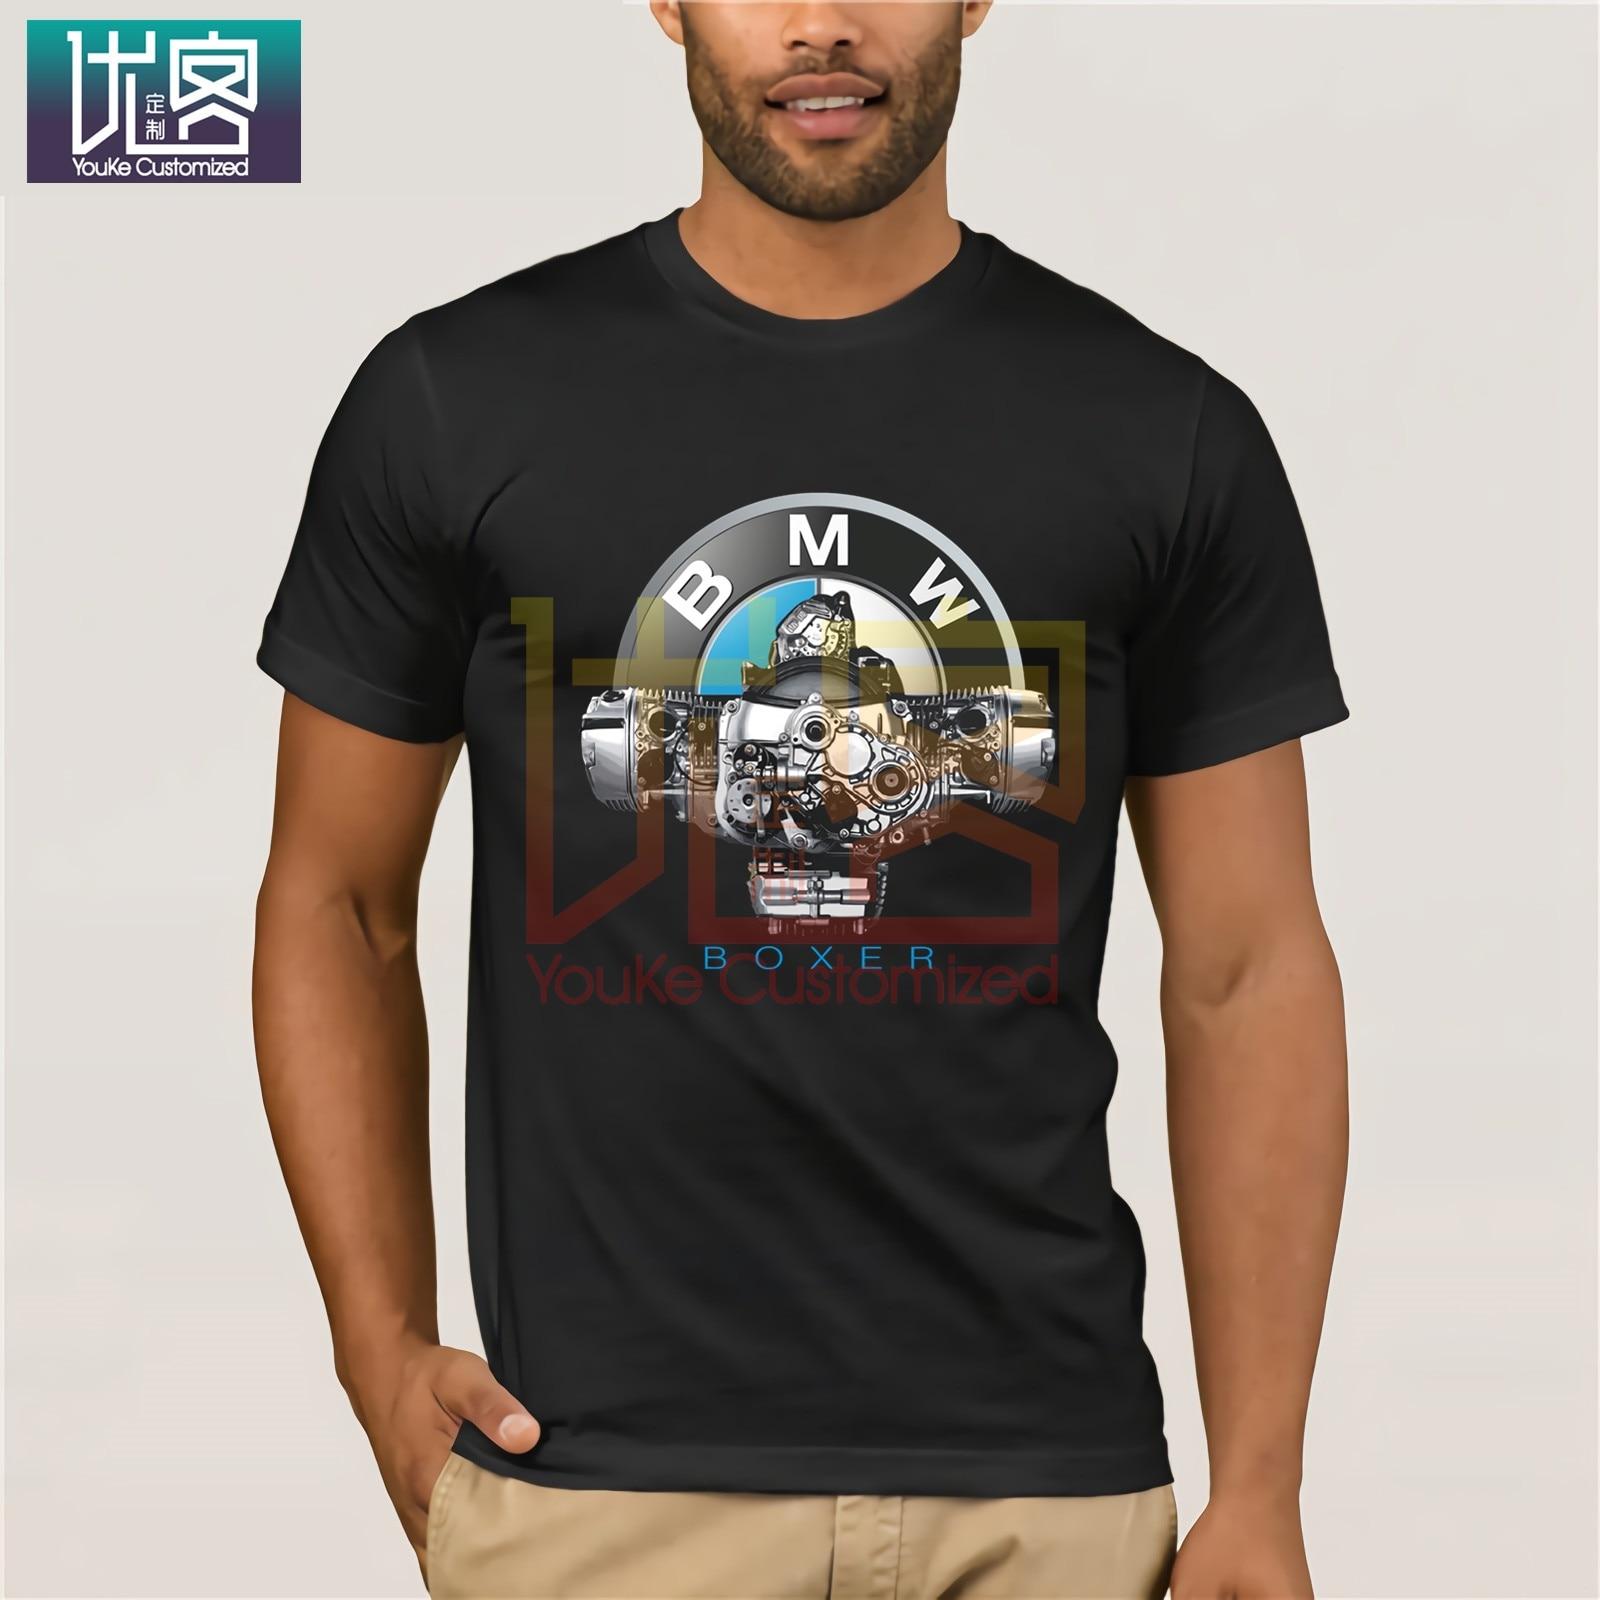 2020 verão legal t-shirts fãs de carro alemão boxer coração motor r 1200 gs rt r 1150 gs alemão carro fãs motorrad t camisa phiking